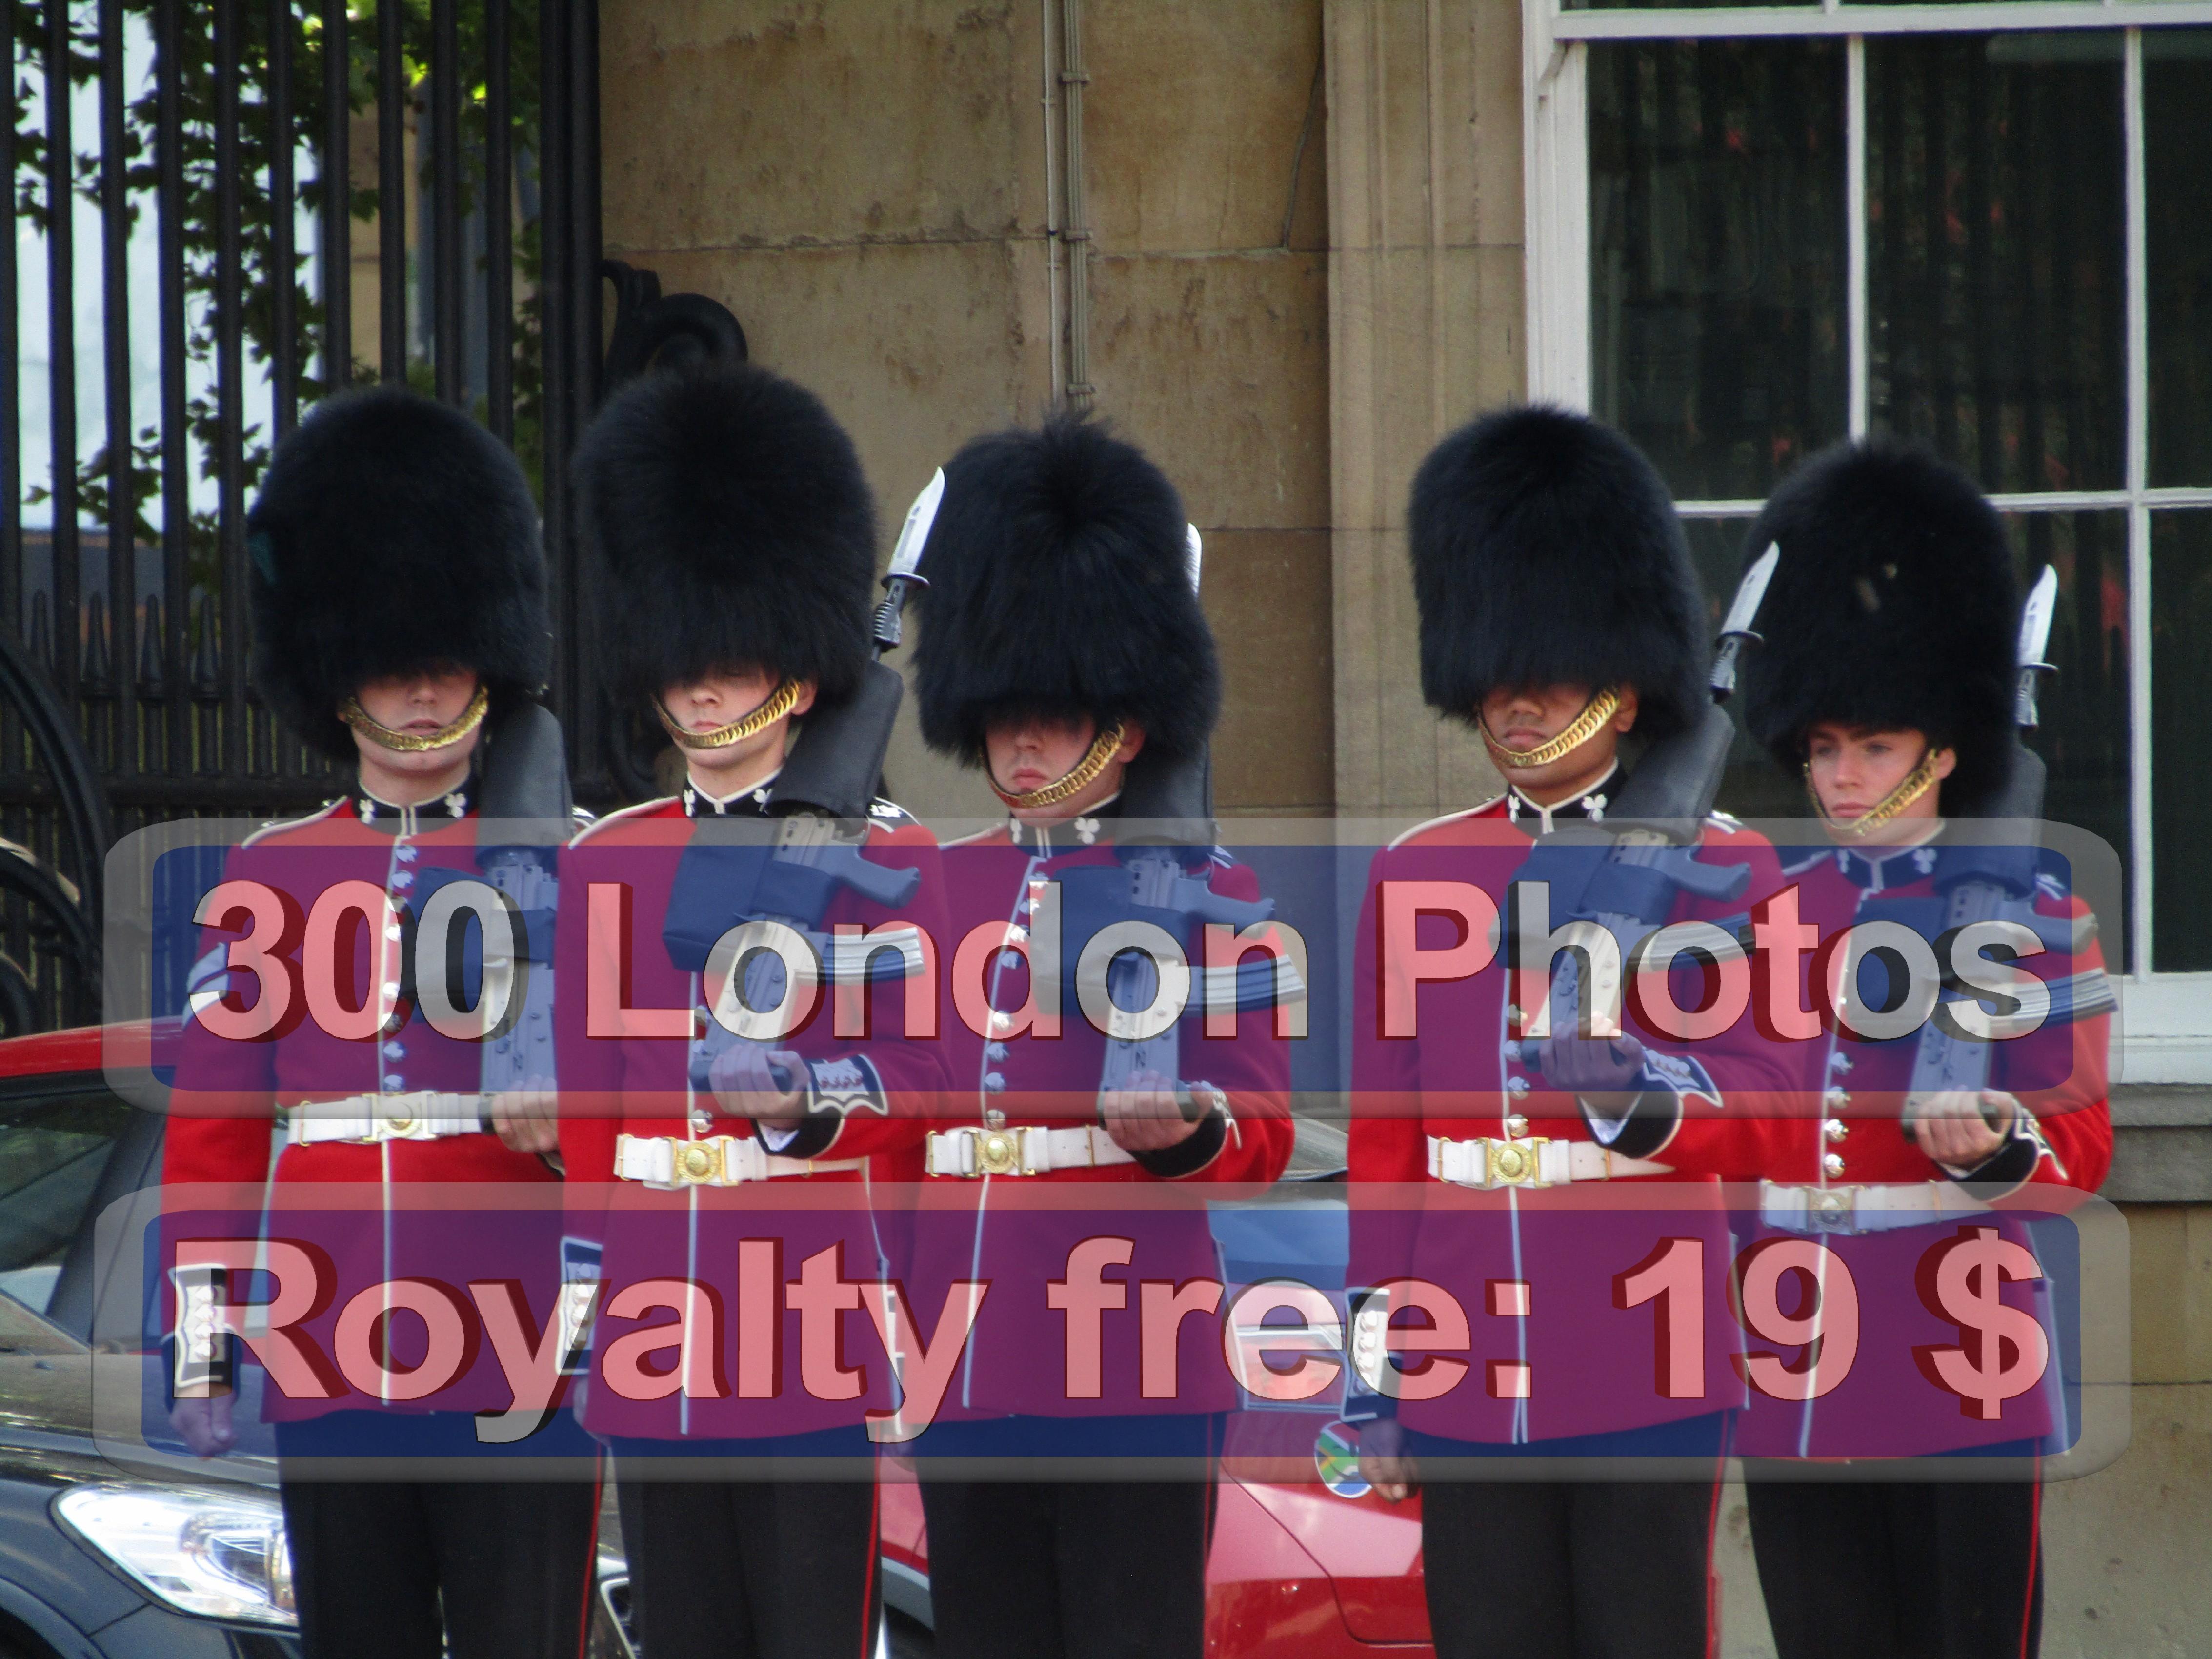 The London Photo Company